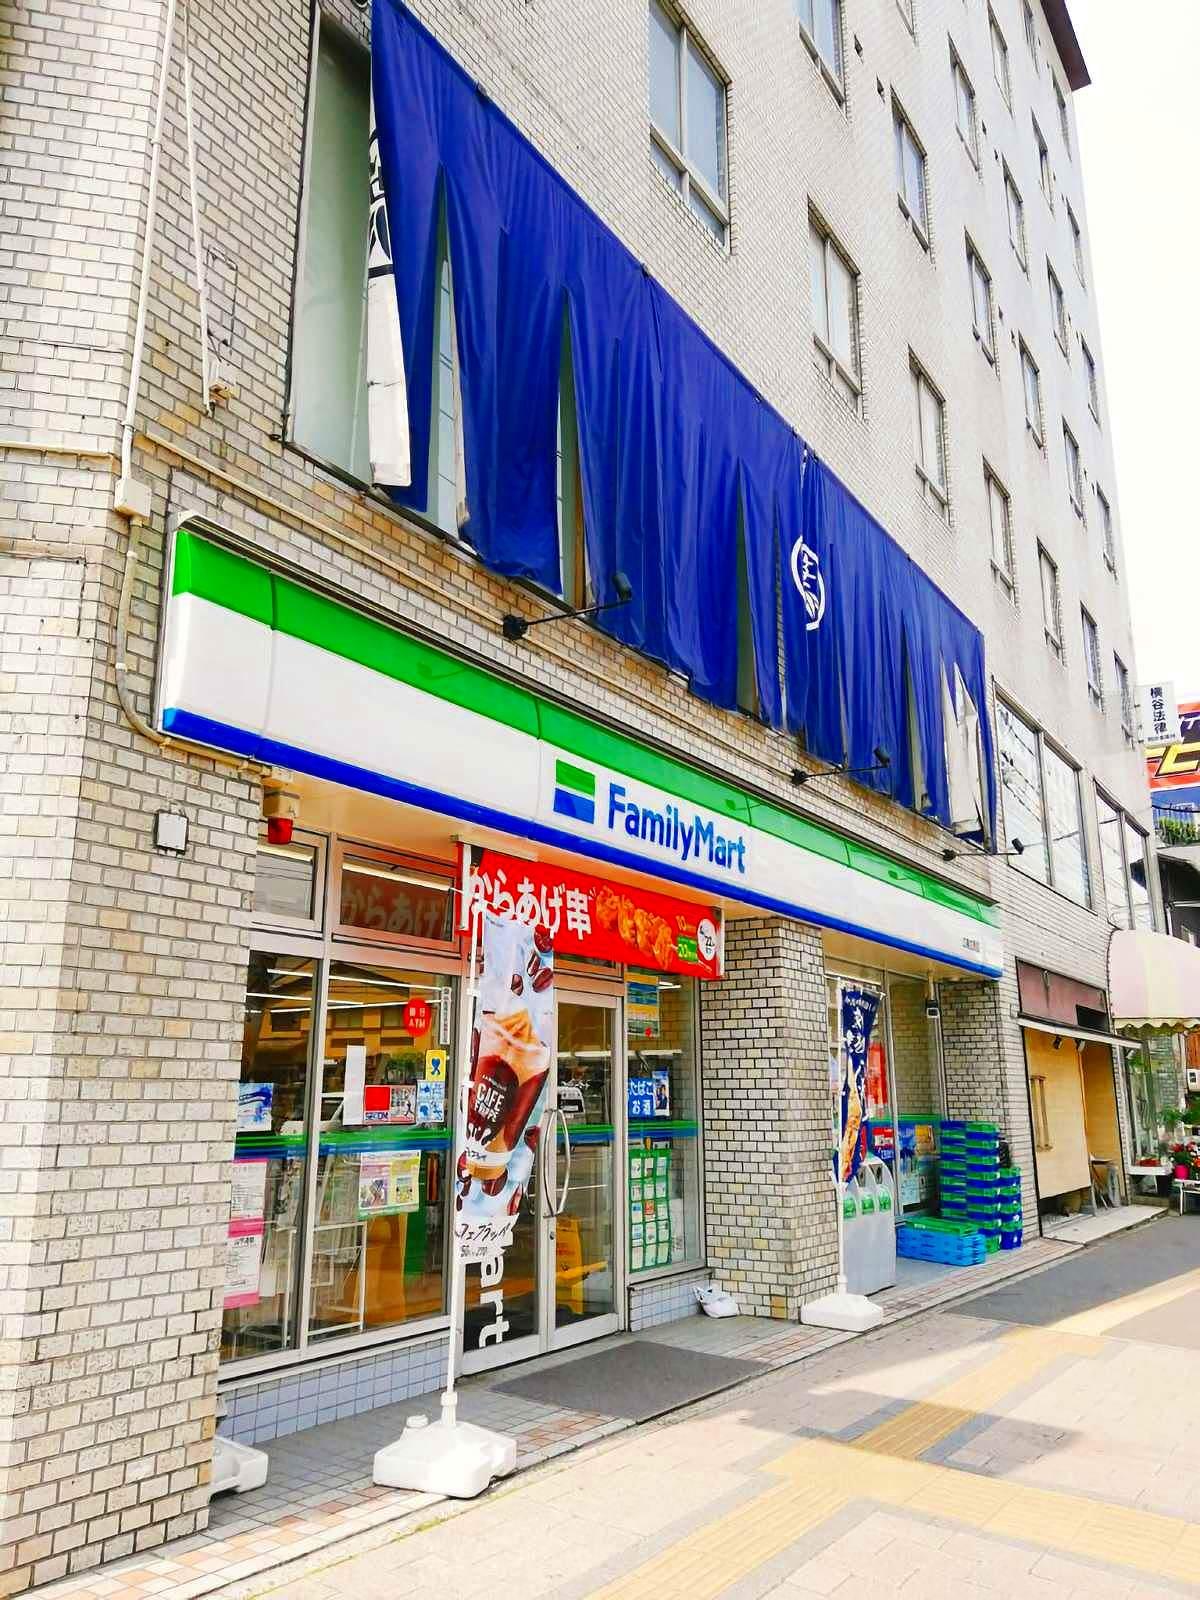 ずる屋六郎の隣のファミリーマート。 〒730-0031 広島県広島市中区紙屋町1-4-25